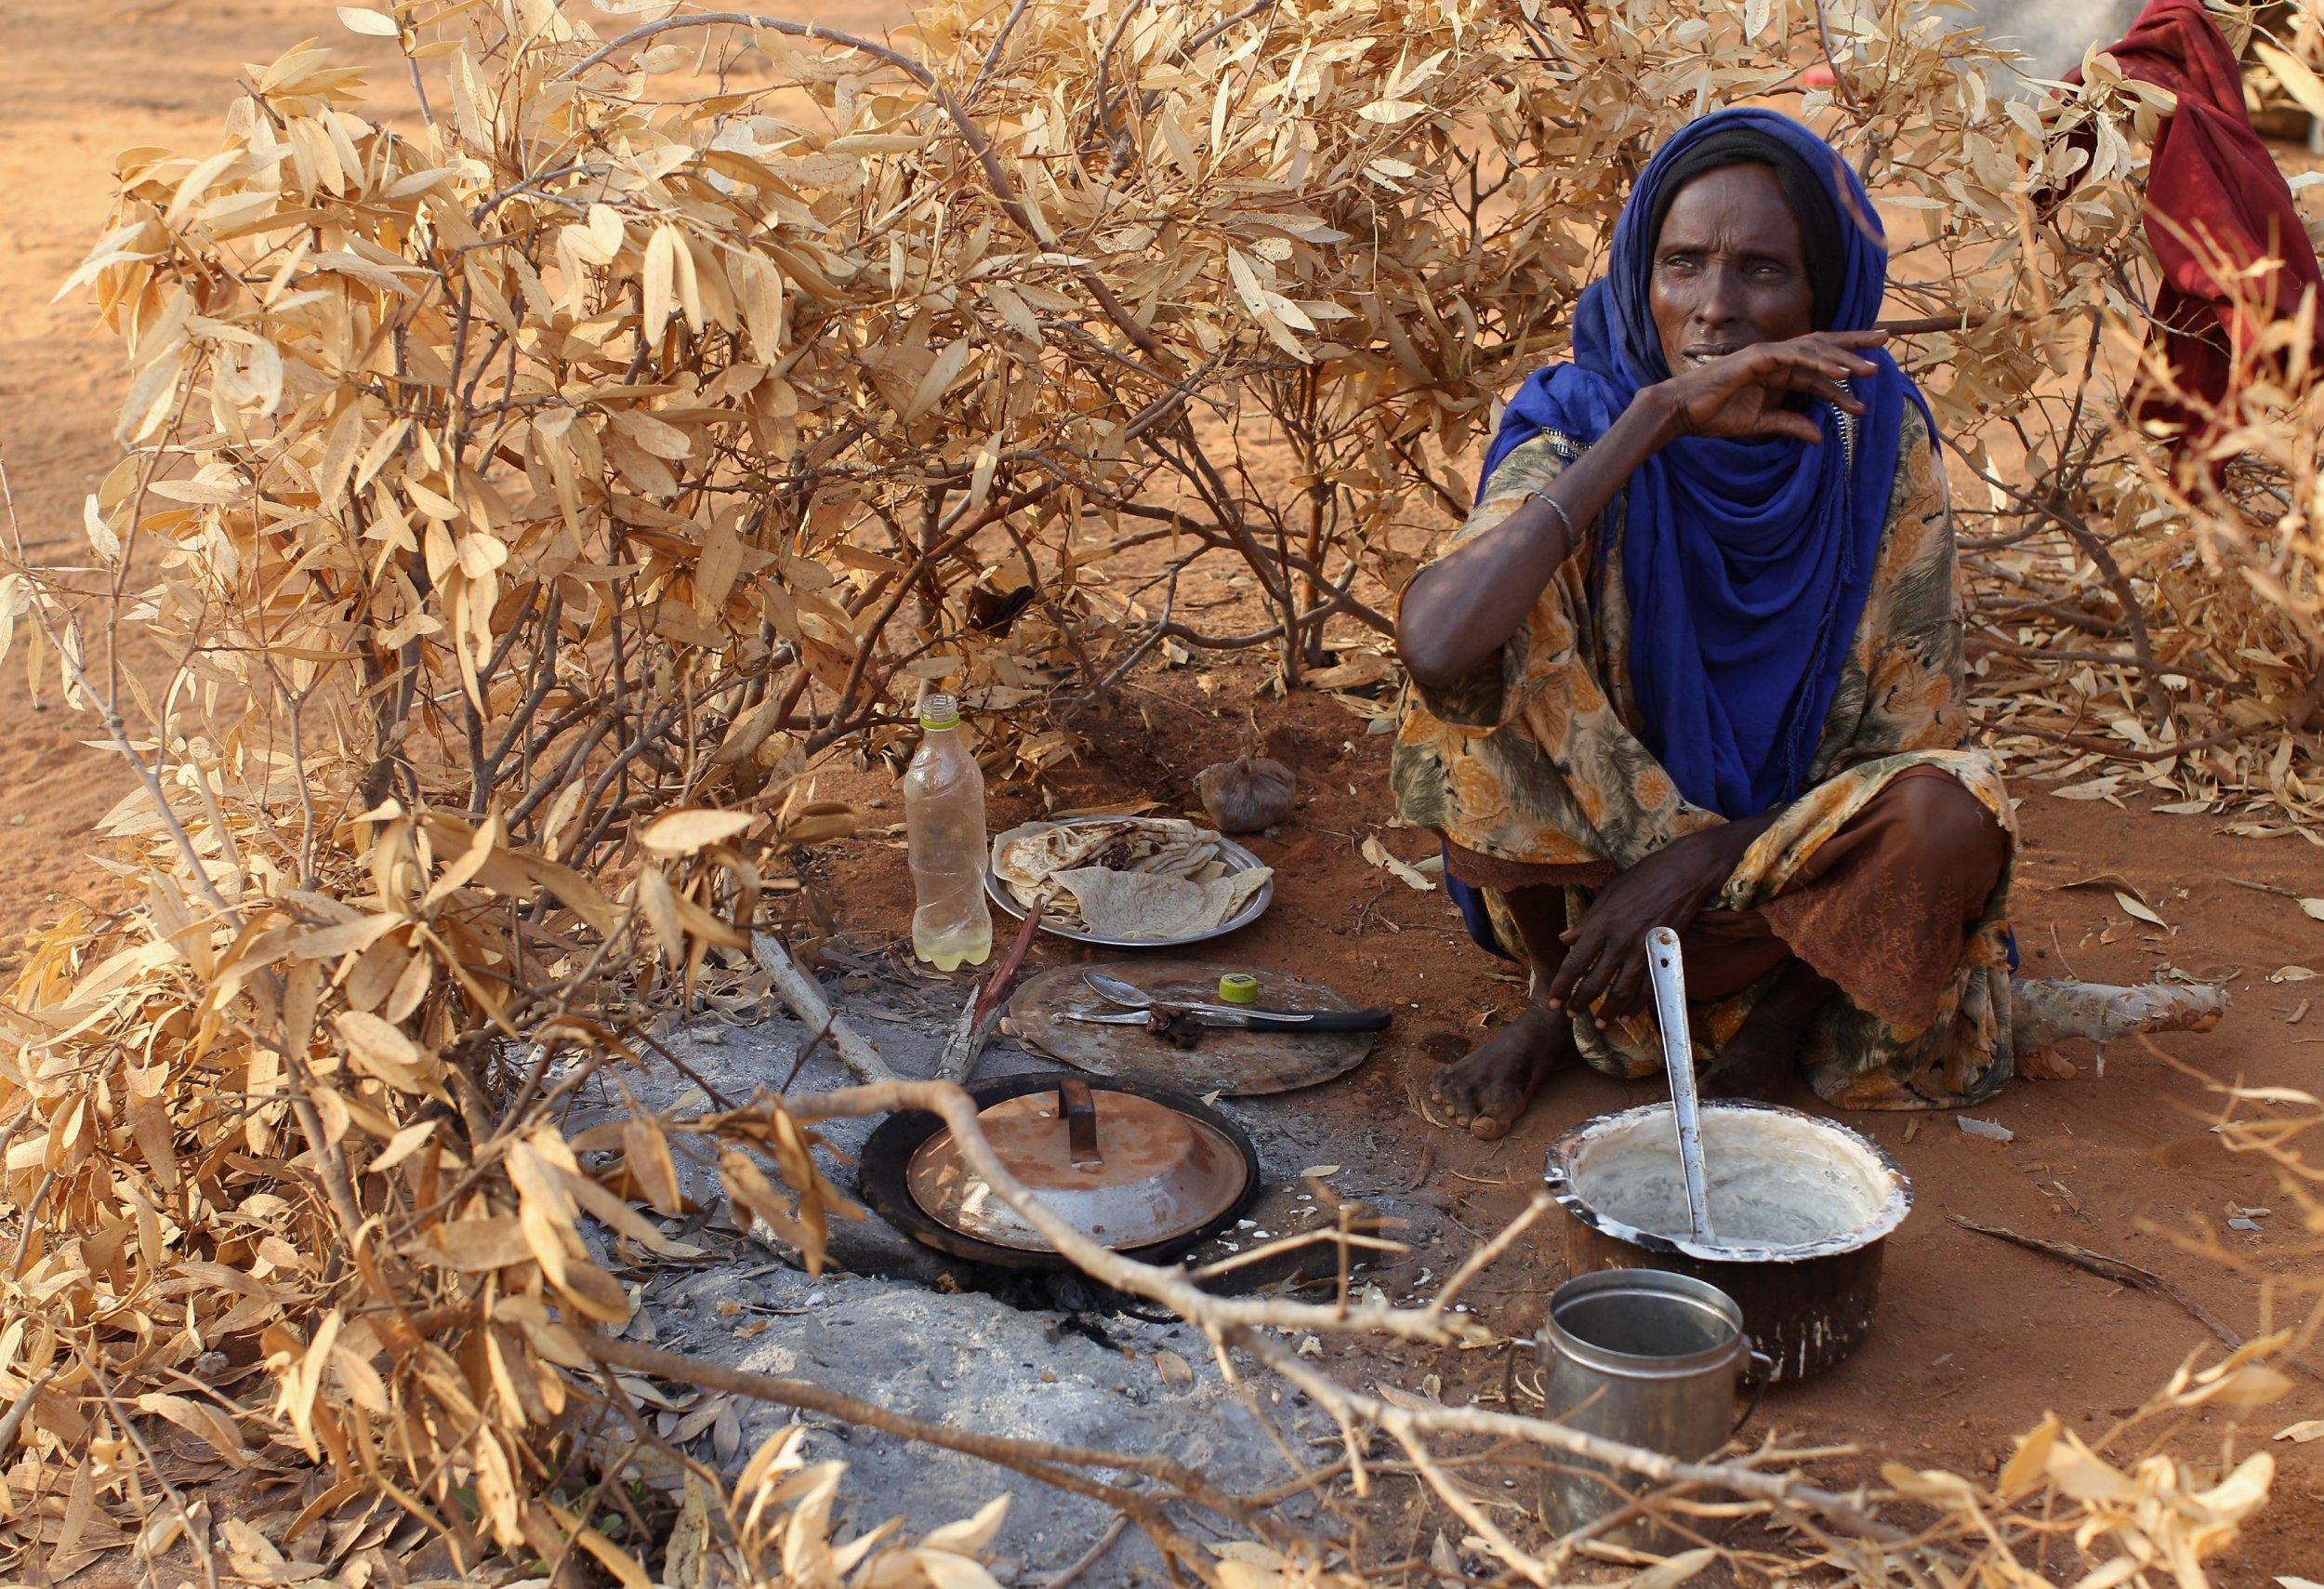 Somali refugee in Dadaab.